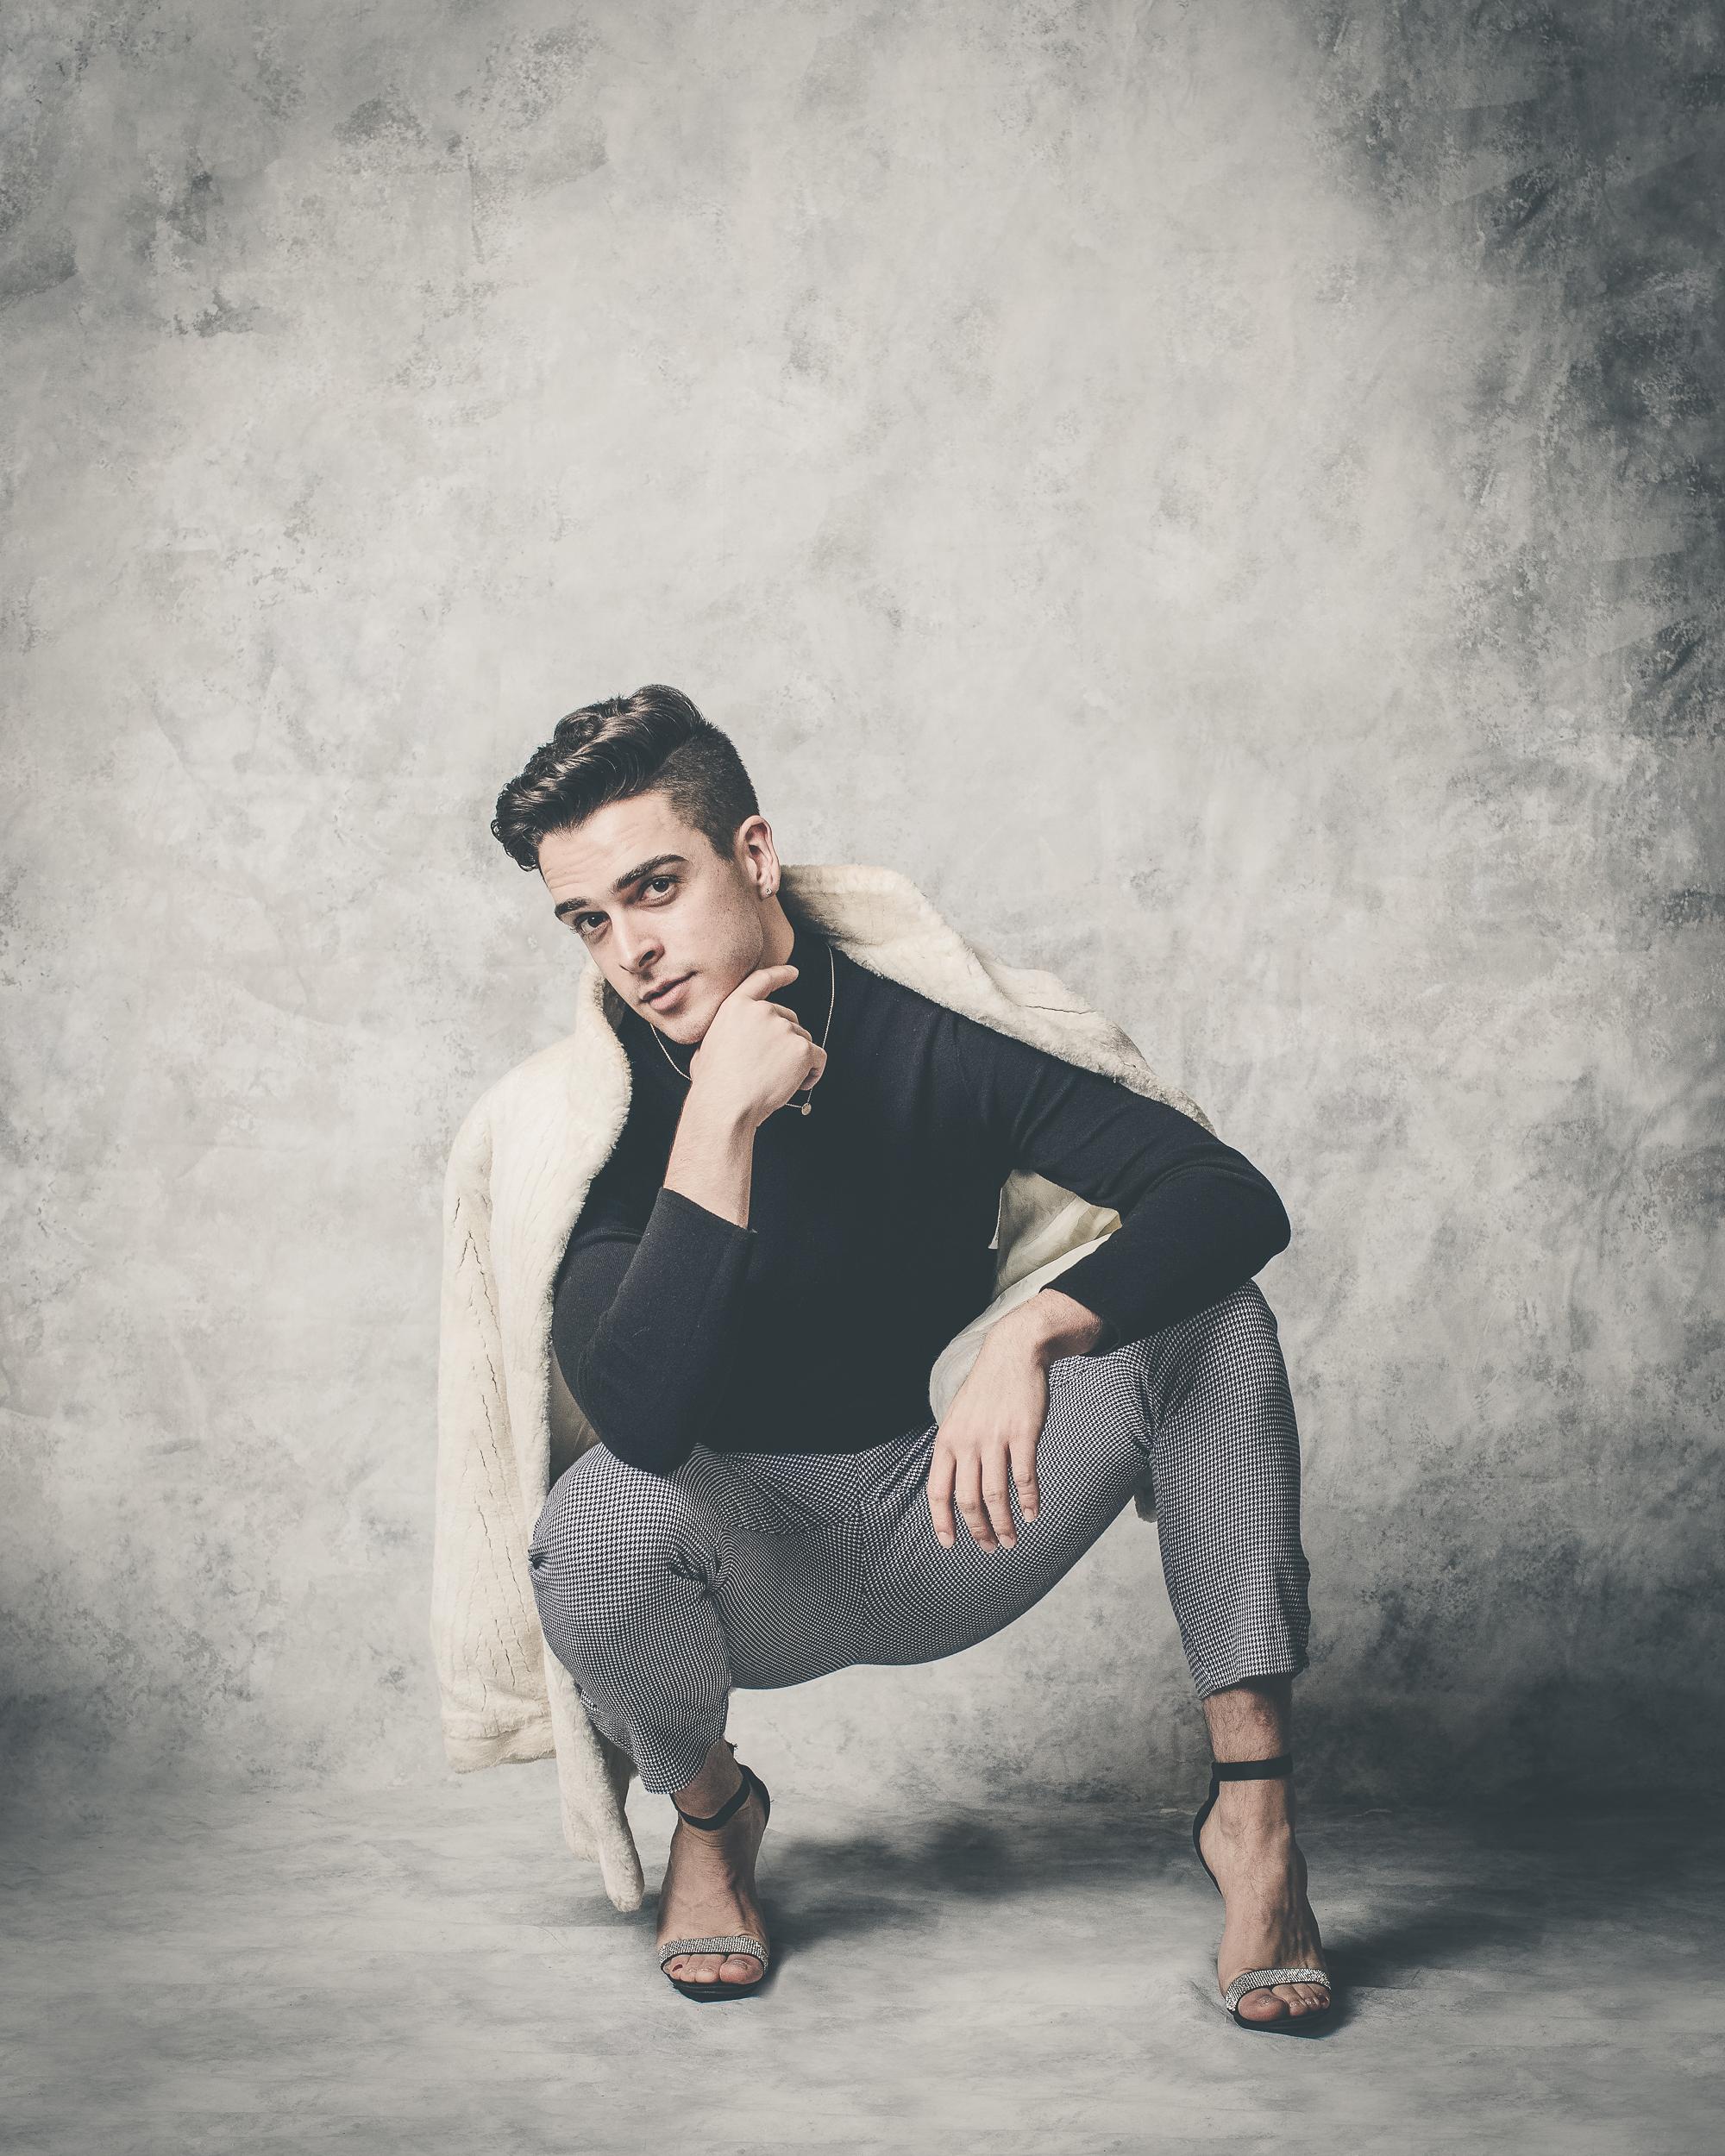 man-in-high-heels-studio-portrait.jpg